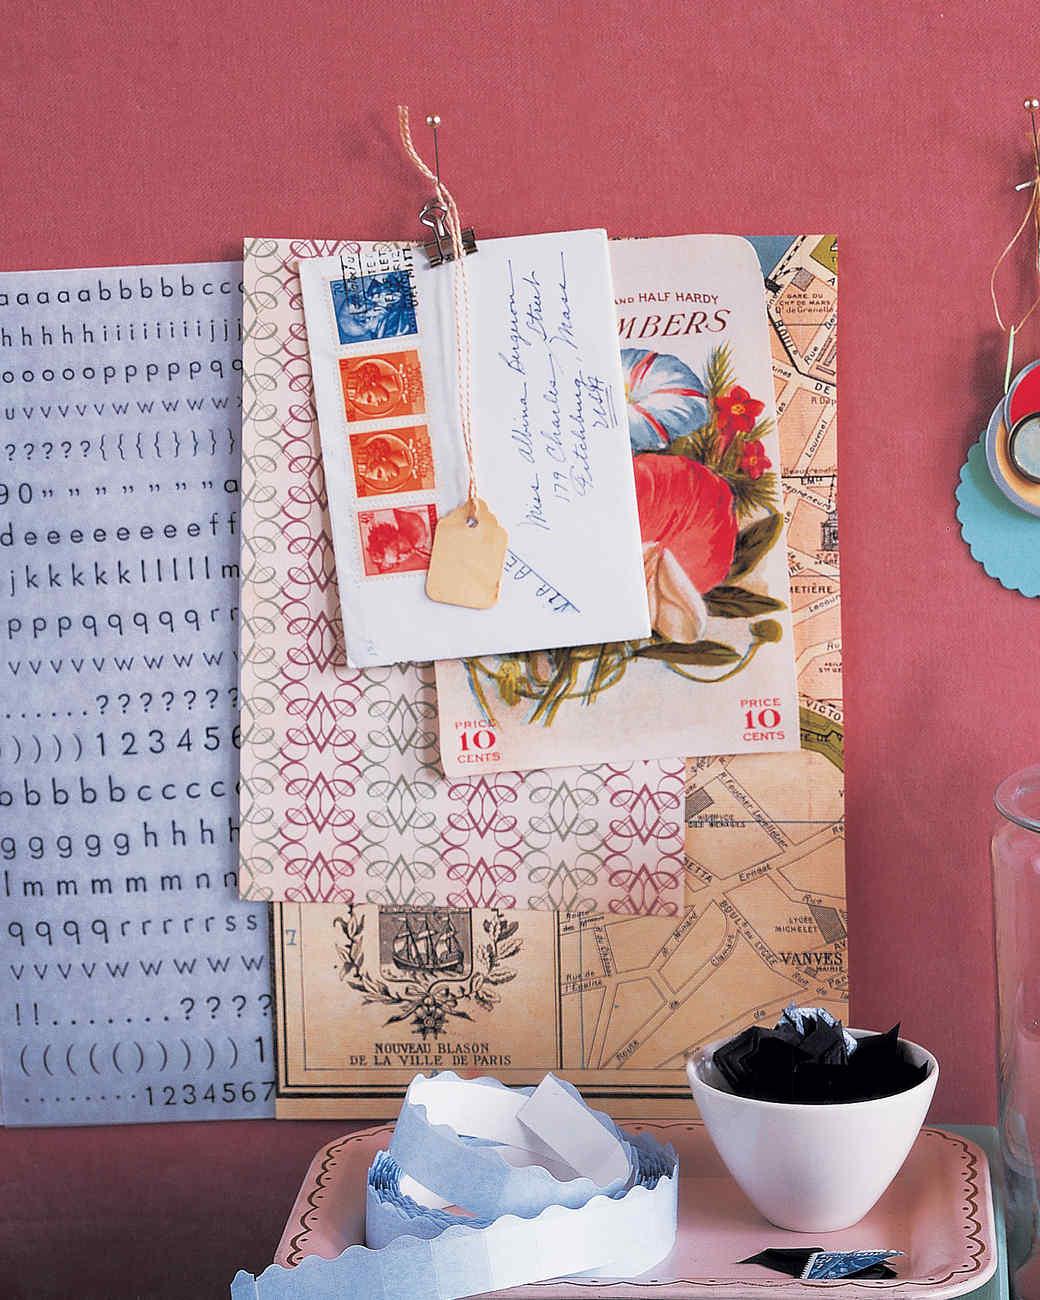 0106_msl_memories_papers.jpg